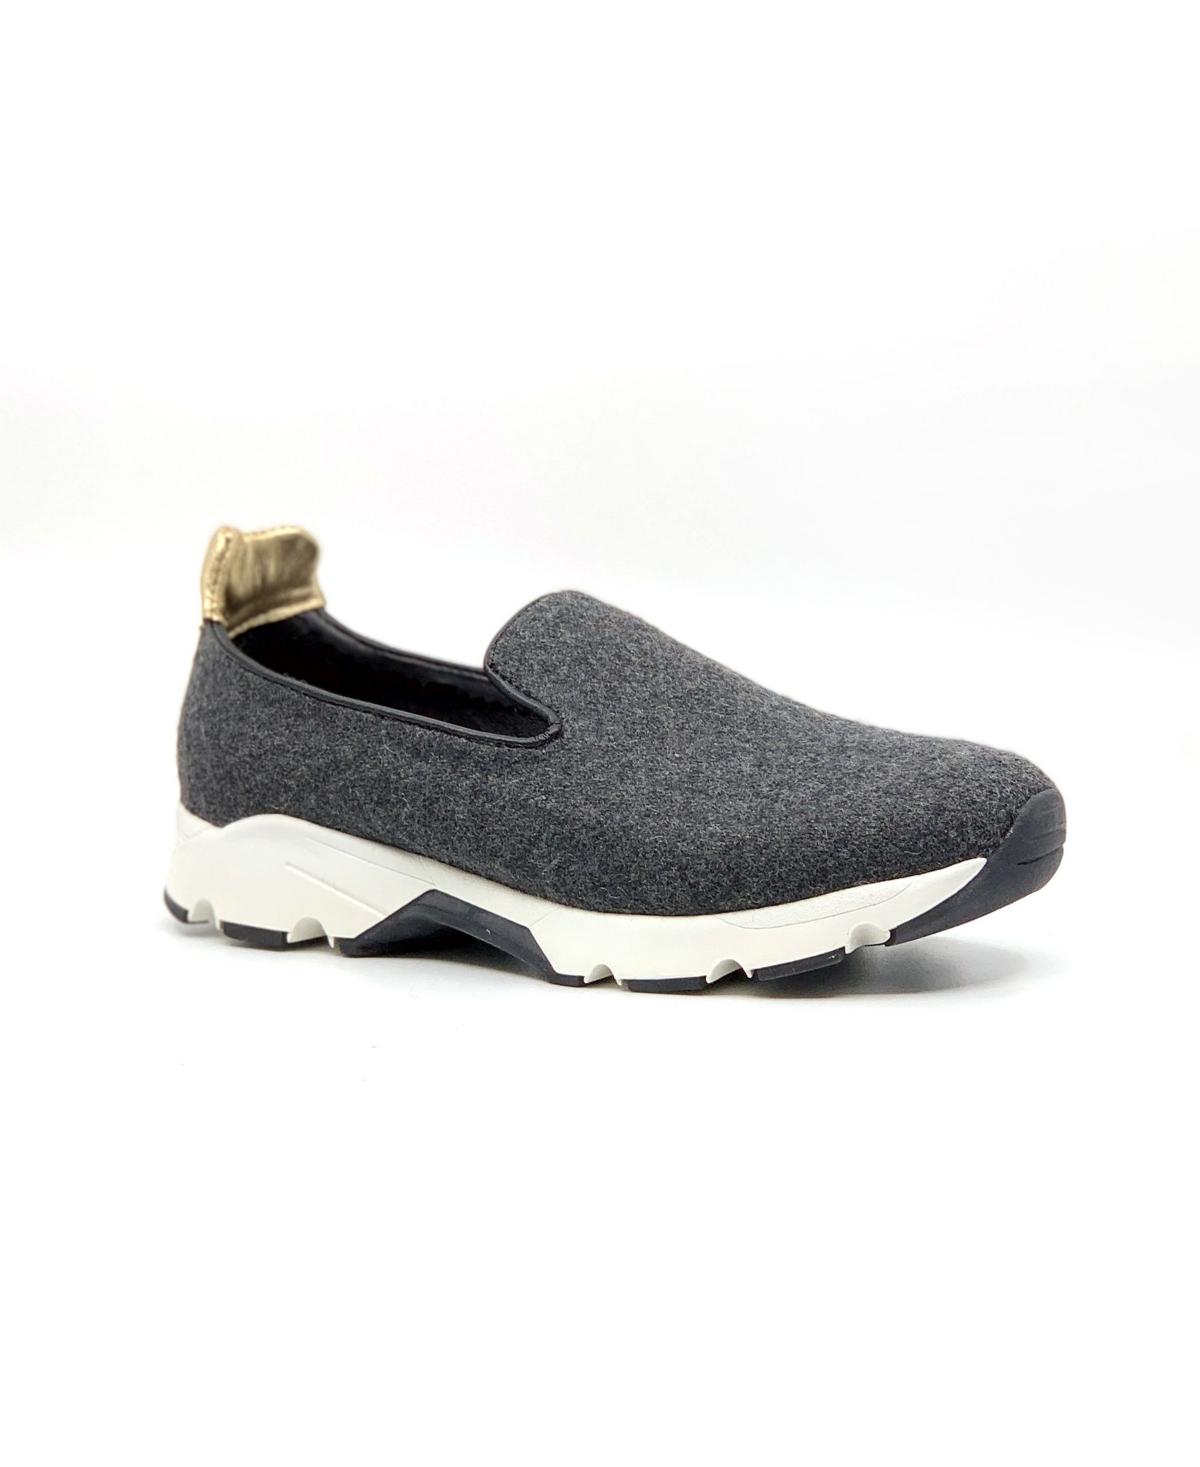 All Black Women's Wooly Slip-On Sneakers Women's Shoes